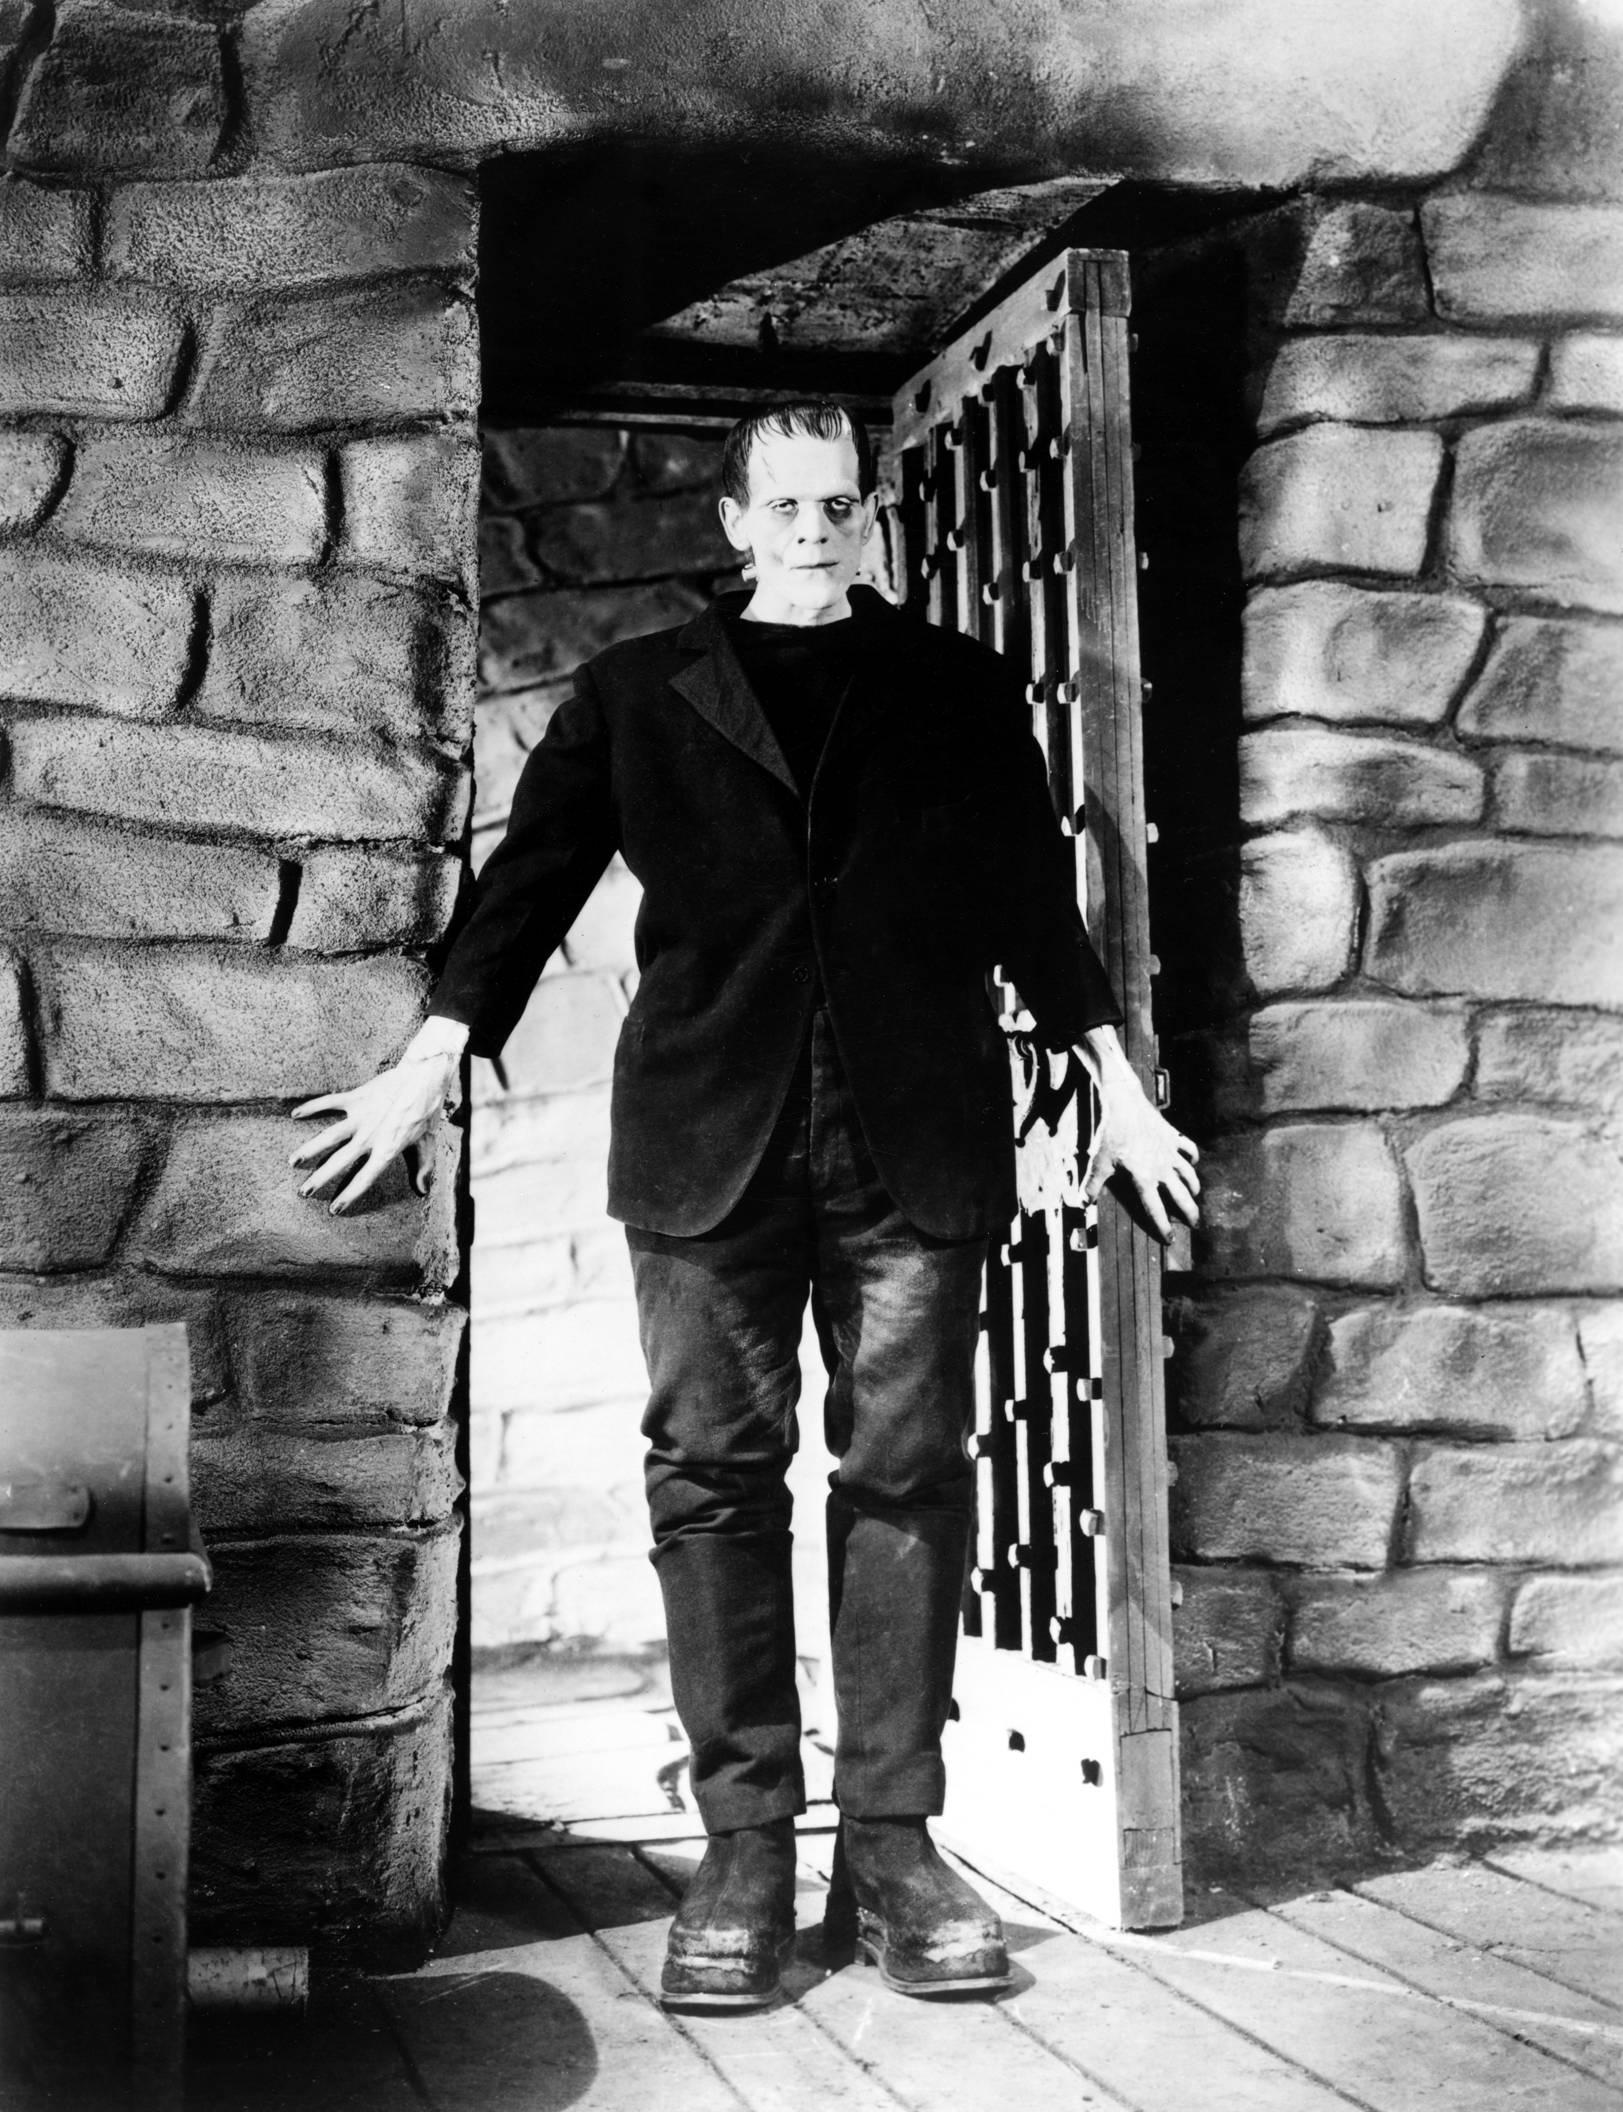 Frankenstein essay, intro help please?